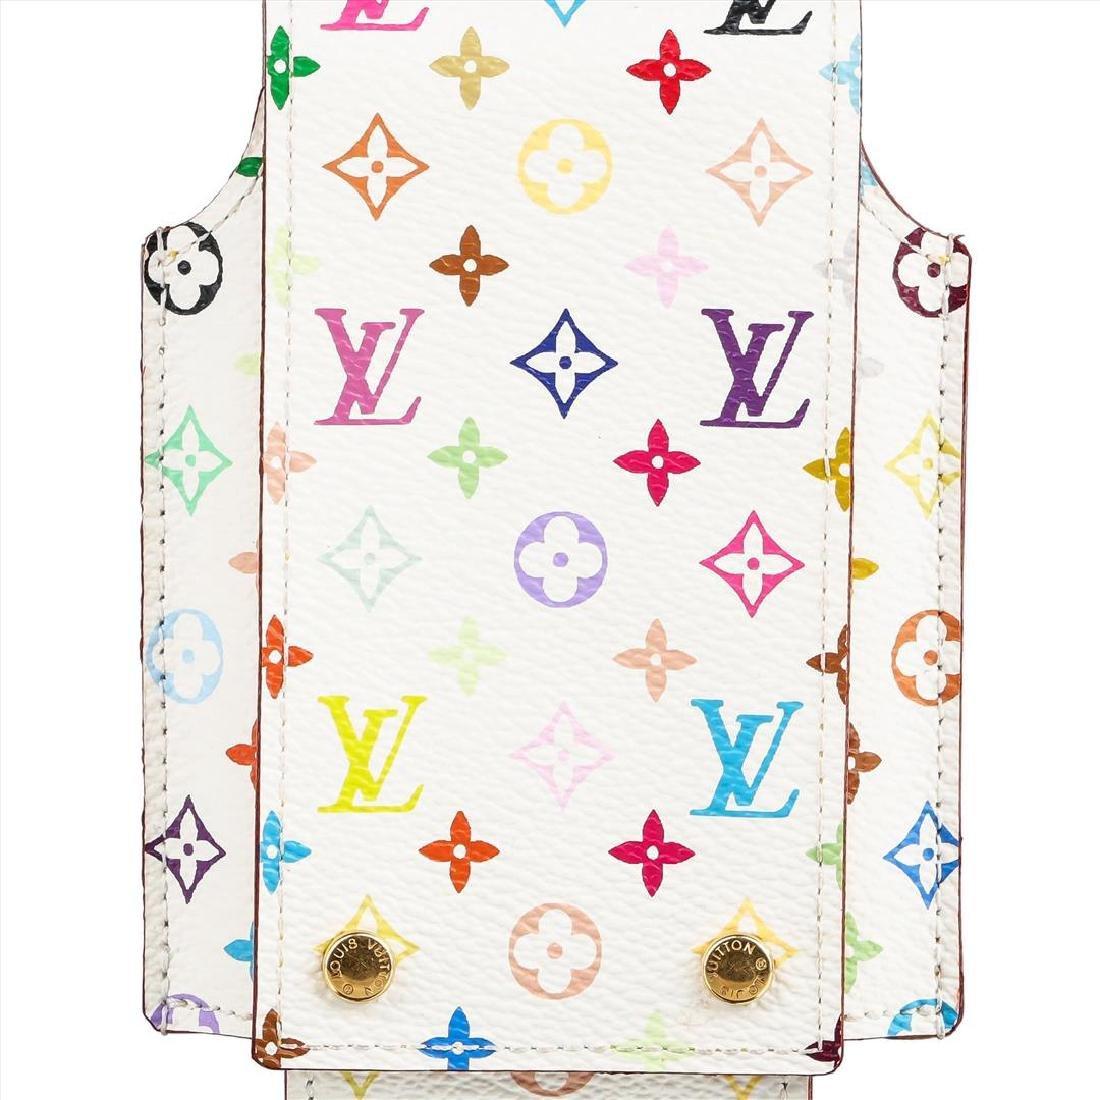 Louis Vuitton Multicolor Monogram iPod Case